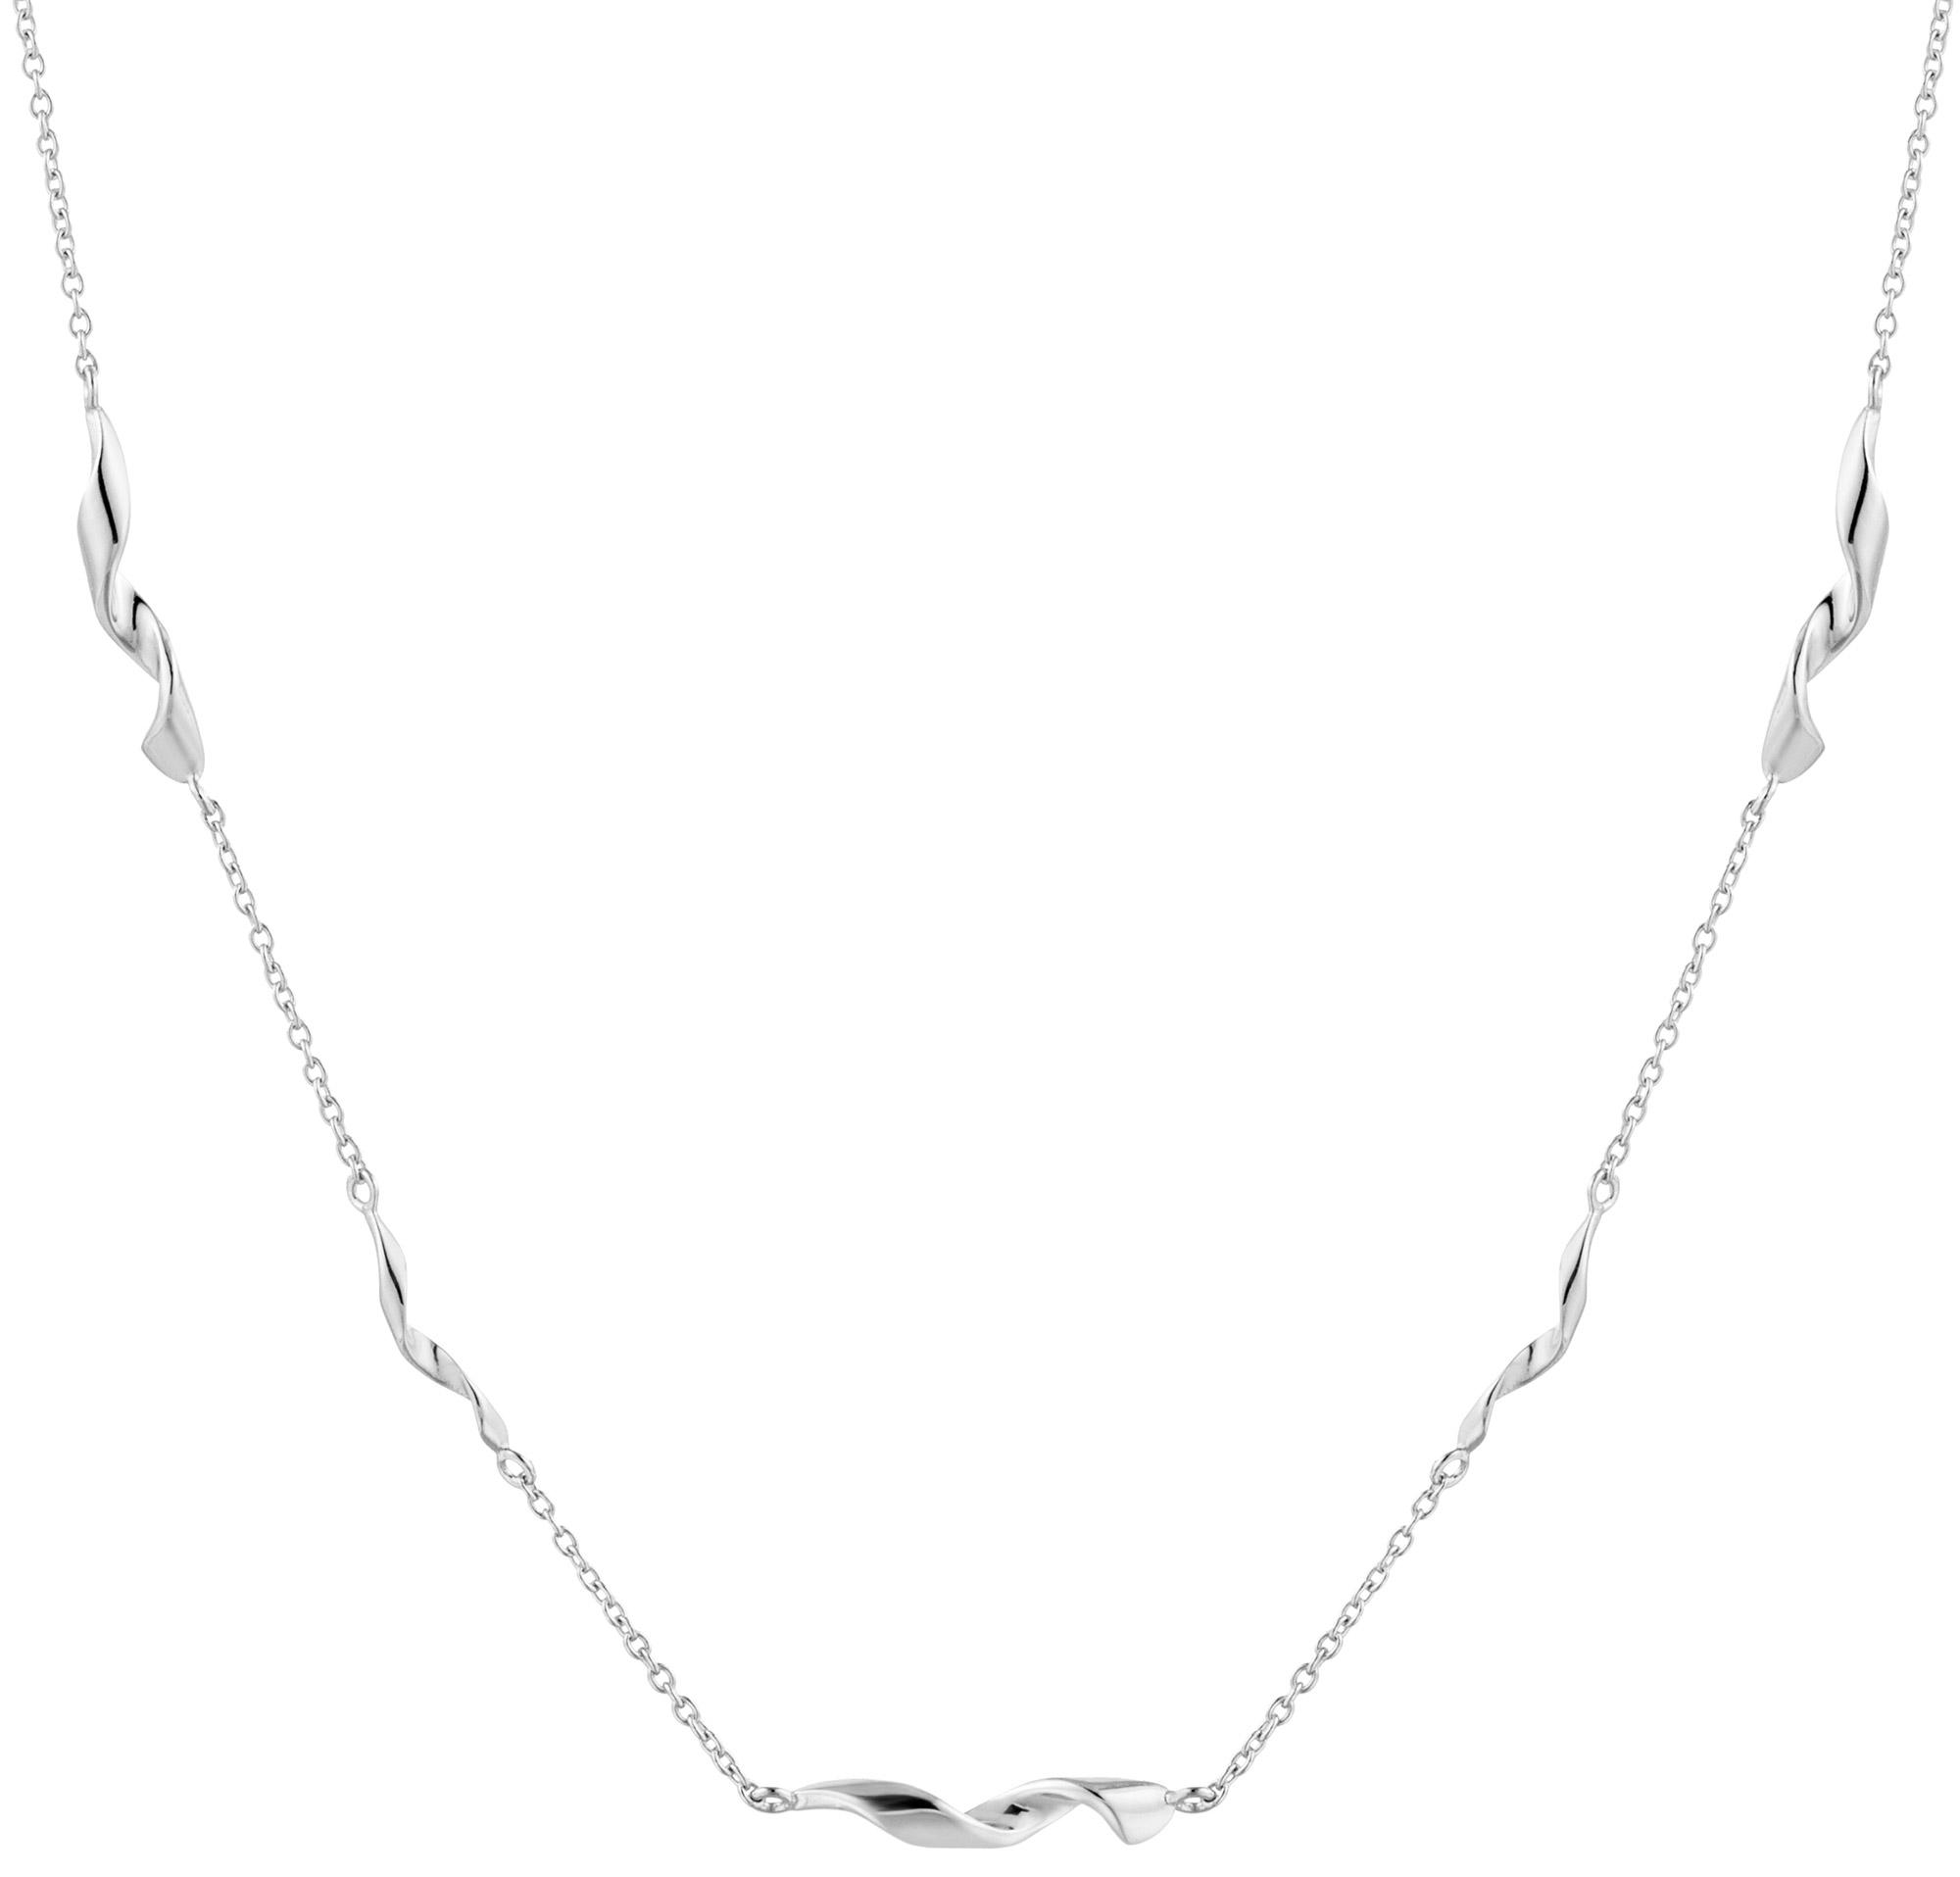 bei Uhrcenter: Ania Haie N012-02H Damen-Halskette Helix - Schmuck